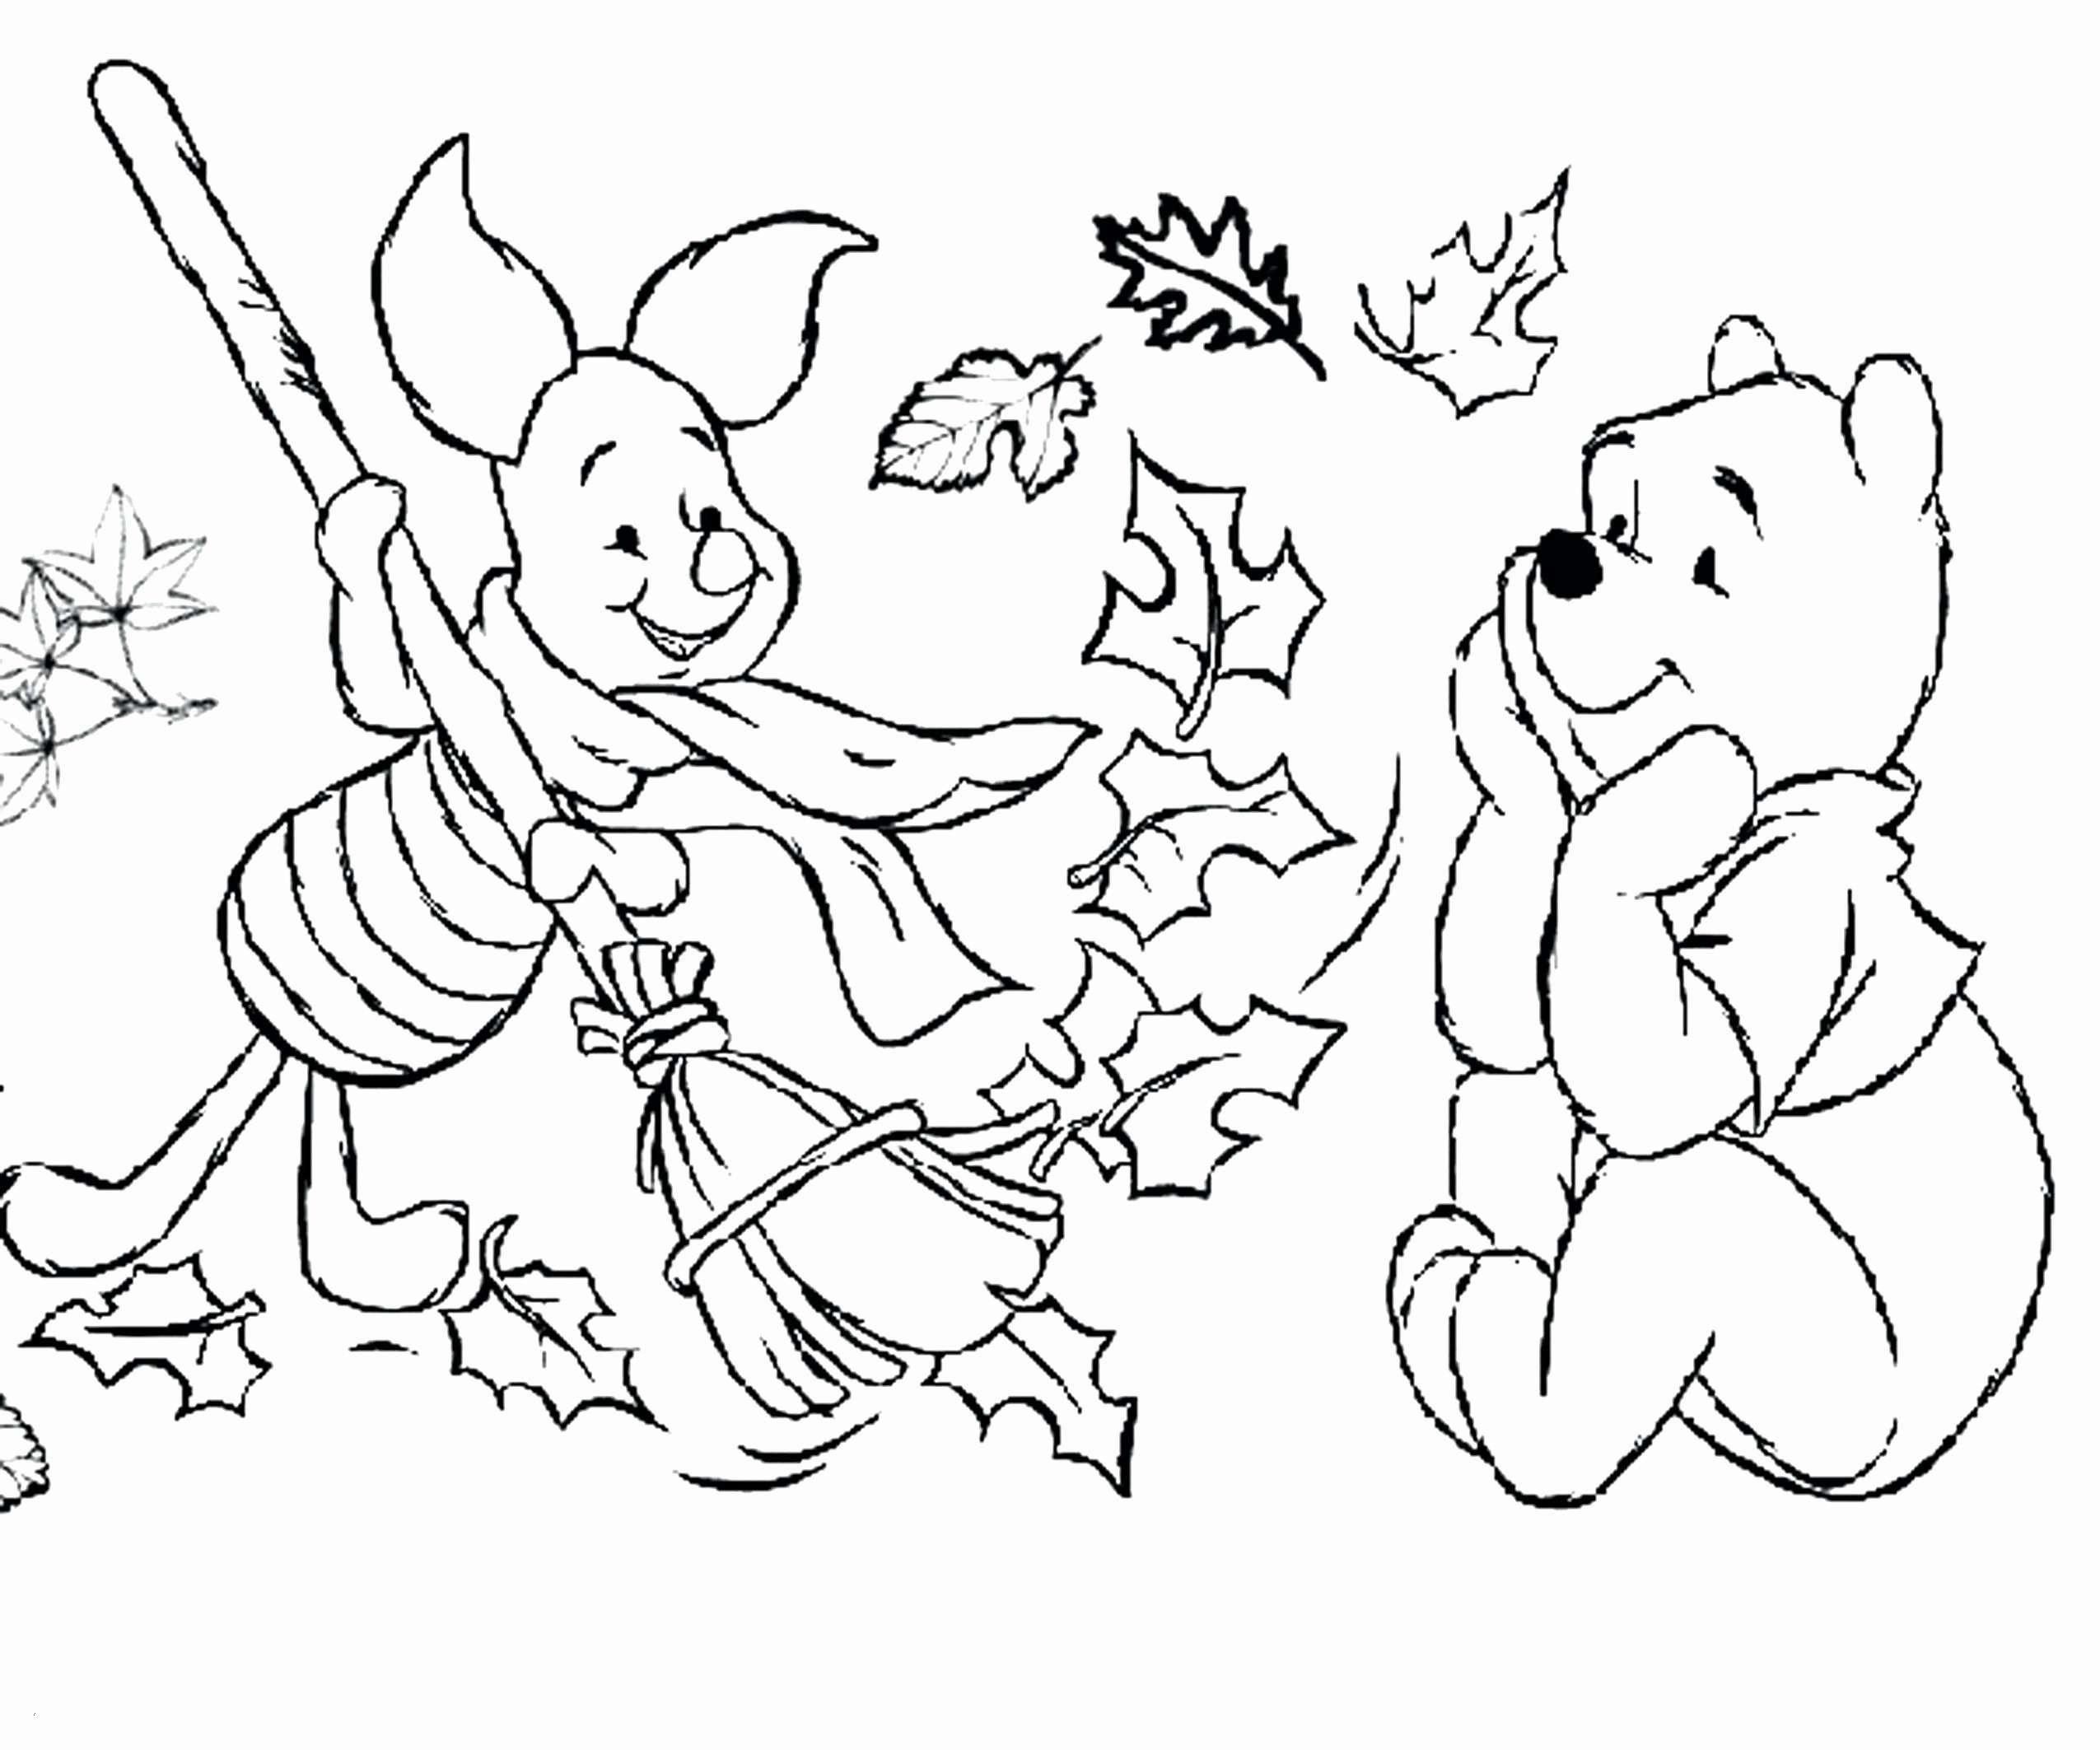 Malvorlage Sendung Mit Der Maus Genial 40 Halloween Ausmalbilder Fledermaus Scoredatscore Inspirierend Maus Bild